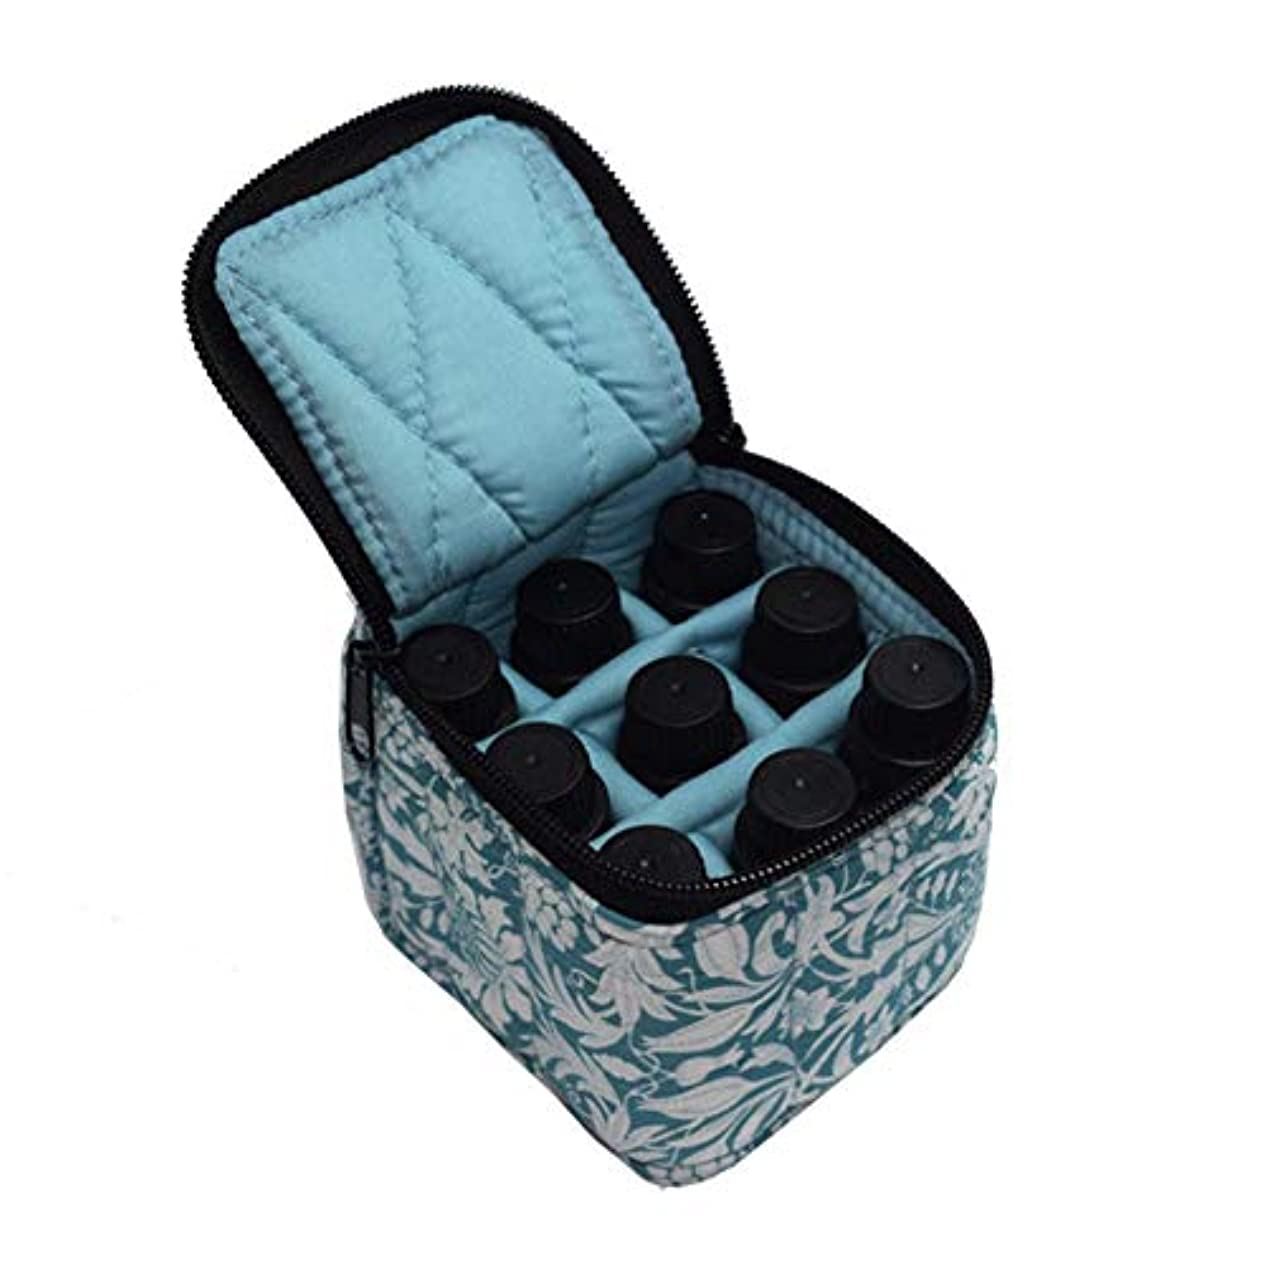 ここにスリーブ未満Pursue エッセンシャルオイル収納ケース アロマオイル収納ボックス アロマポーチ収納ケース 耐震 携帯便利 香水収納ポーチ 化粧ポーチ 9本用